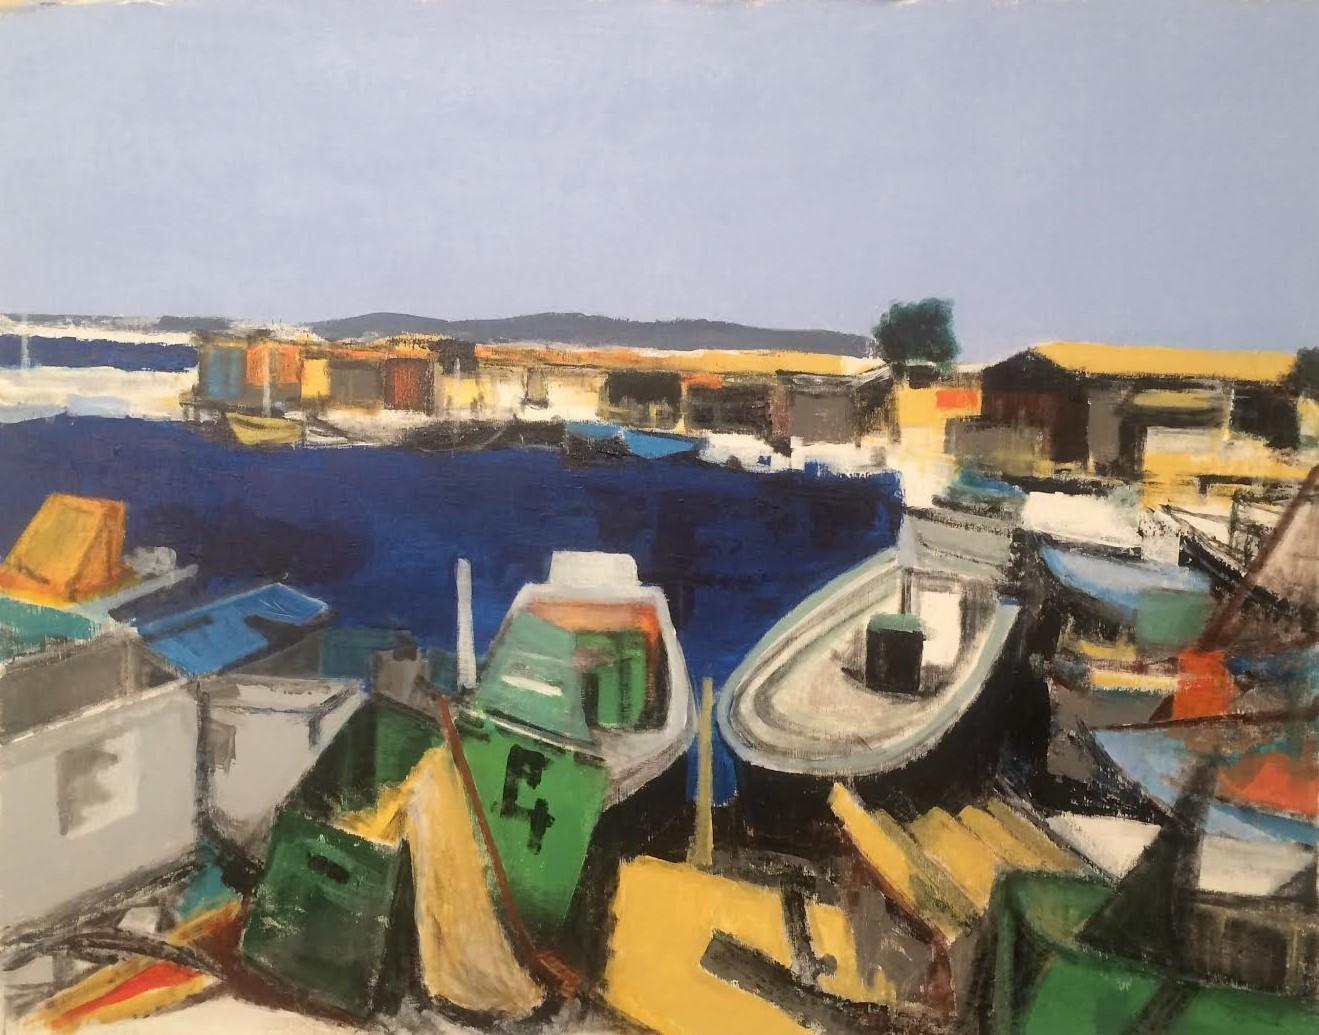 N°2230 - Sète. Pointe Courte - Acrylique sur toile - 73 x 92 cm - 18 mars 2016